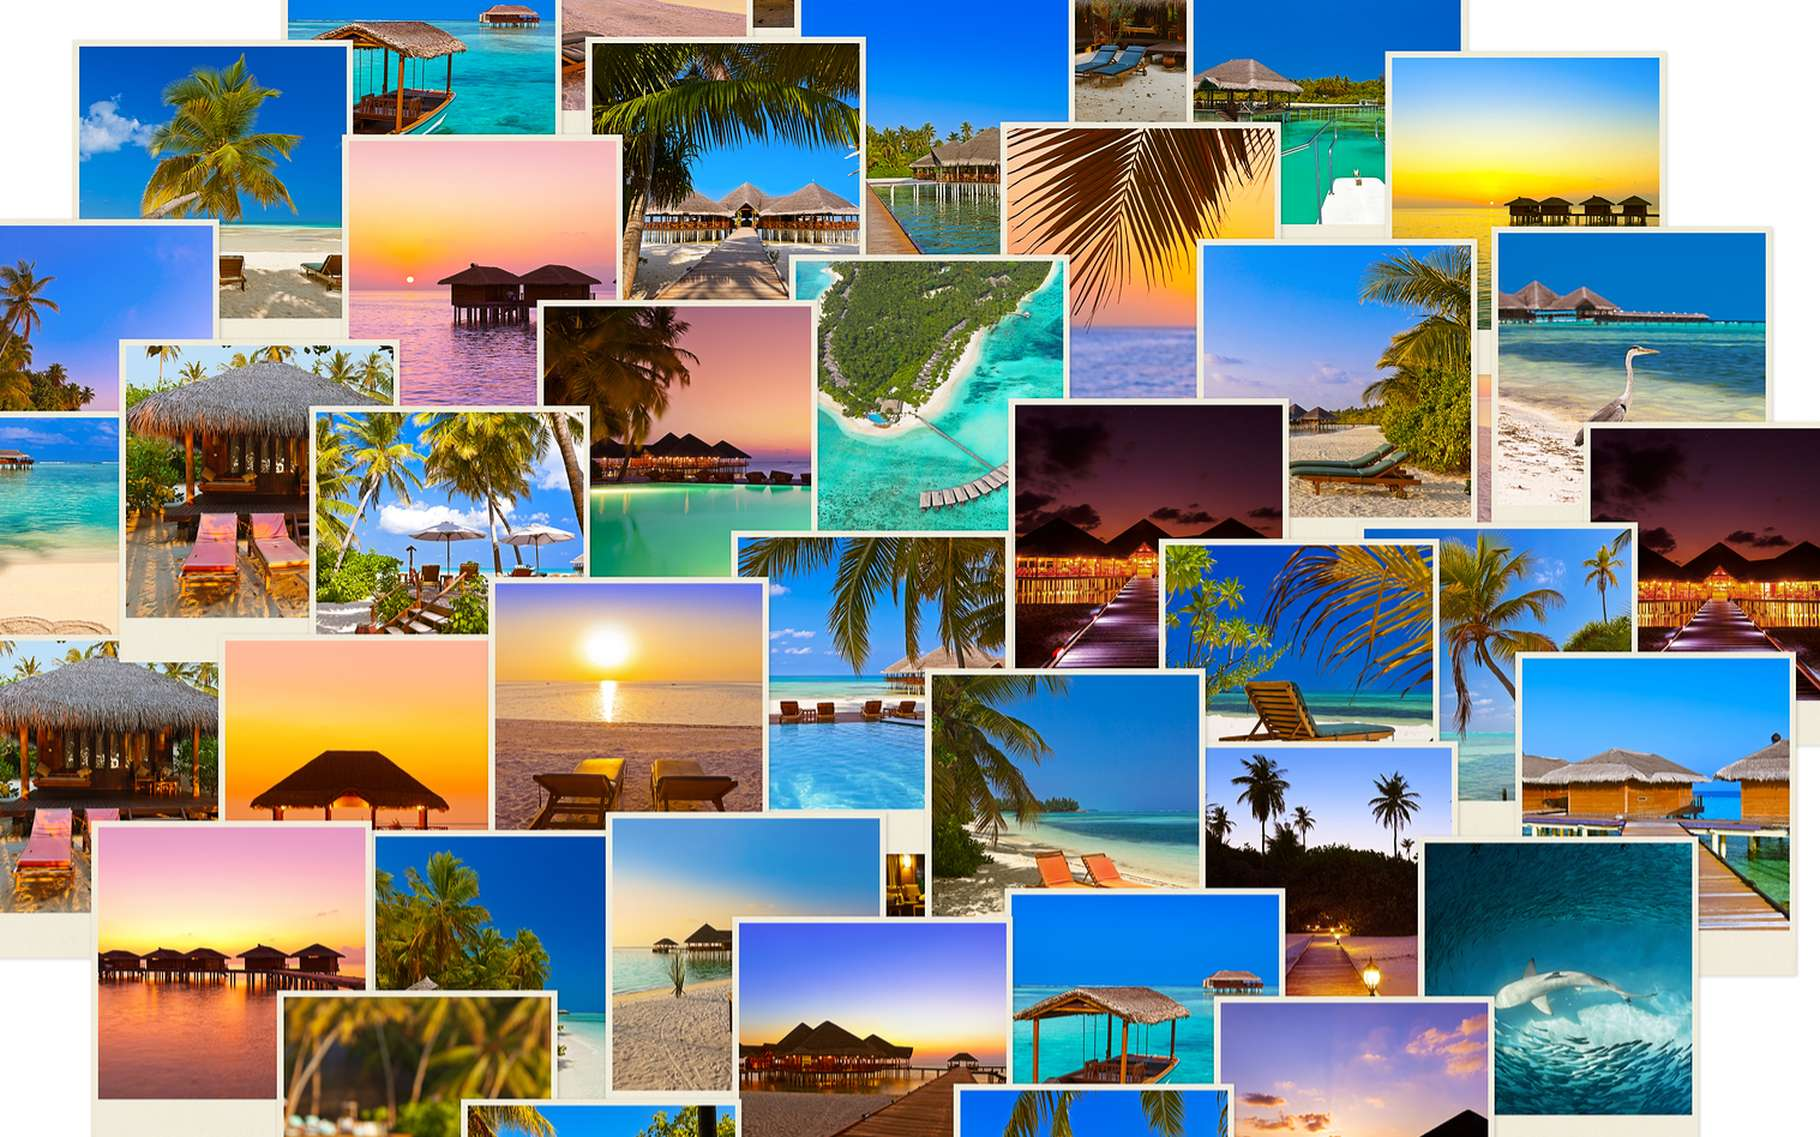 Les critères essentiels pour un référencement optimal sur Google Images